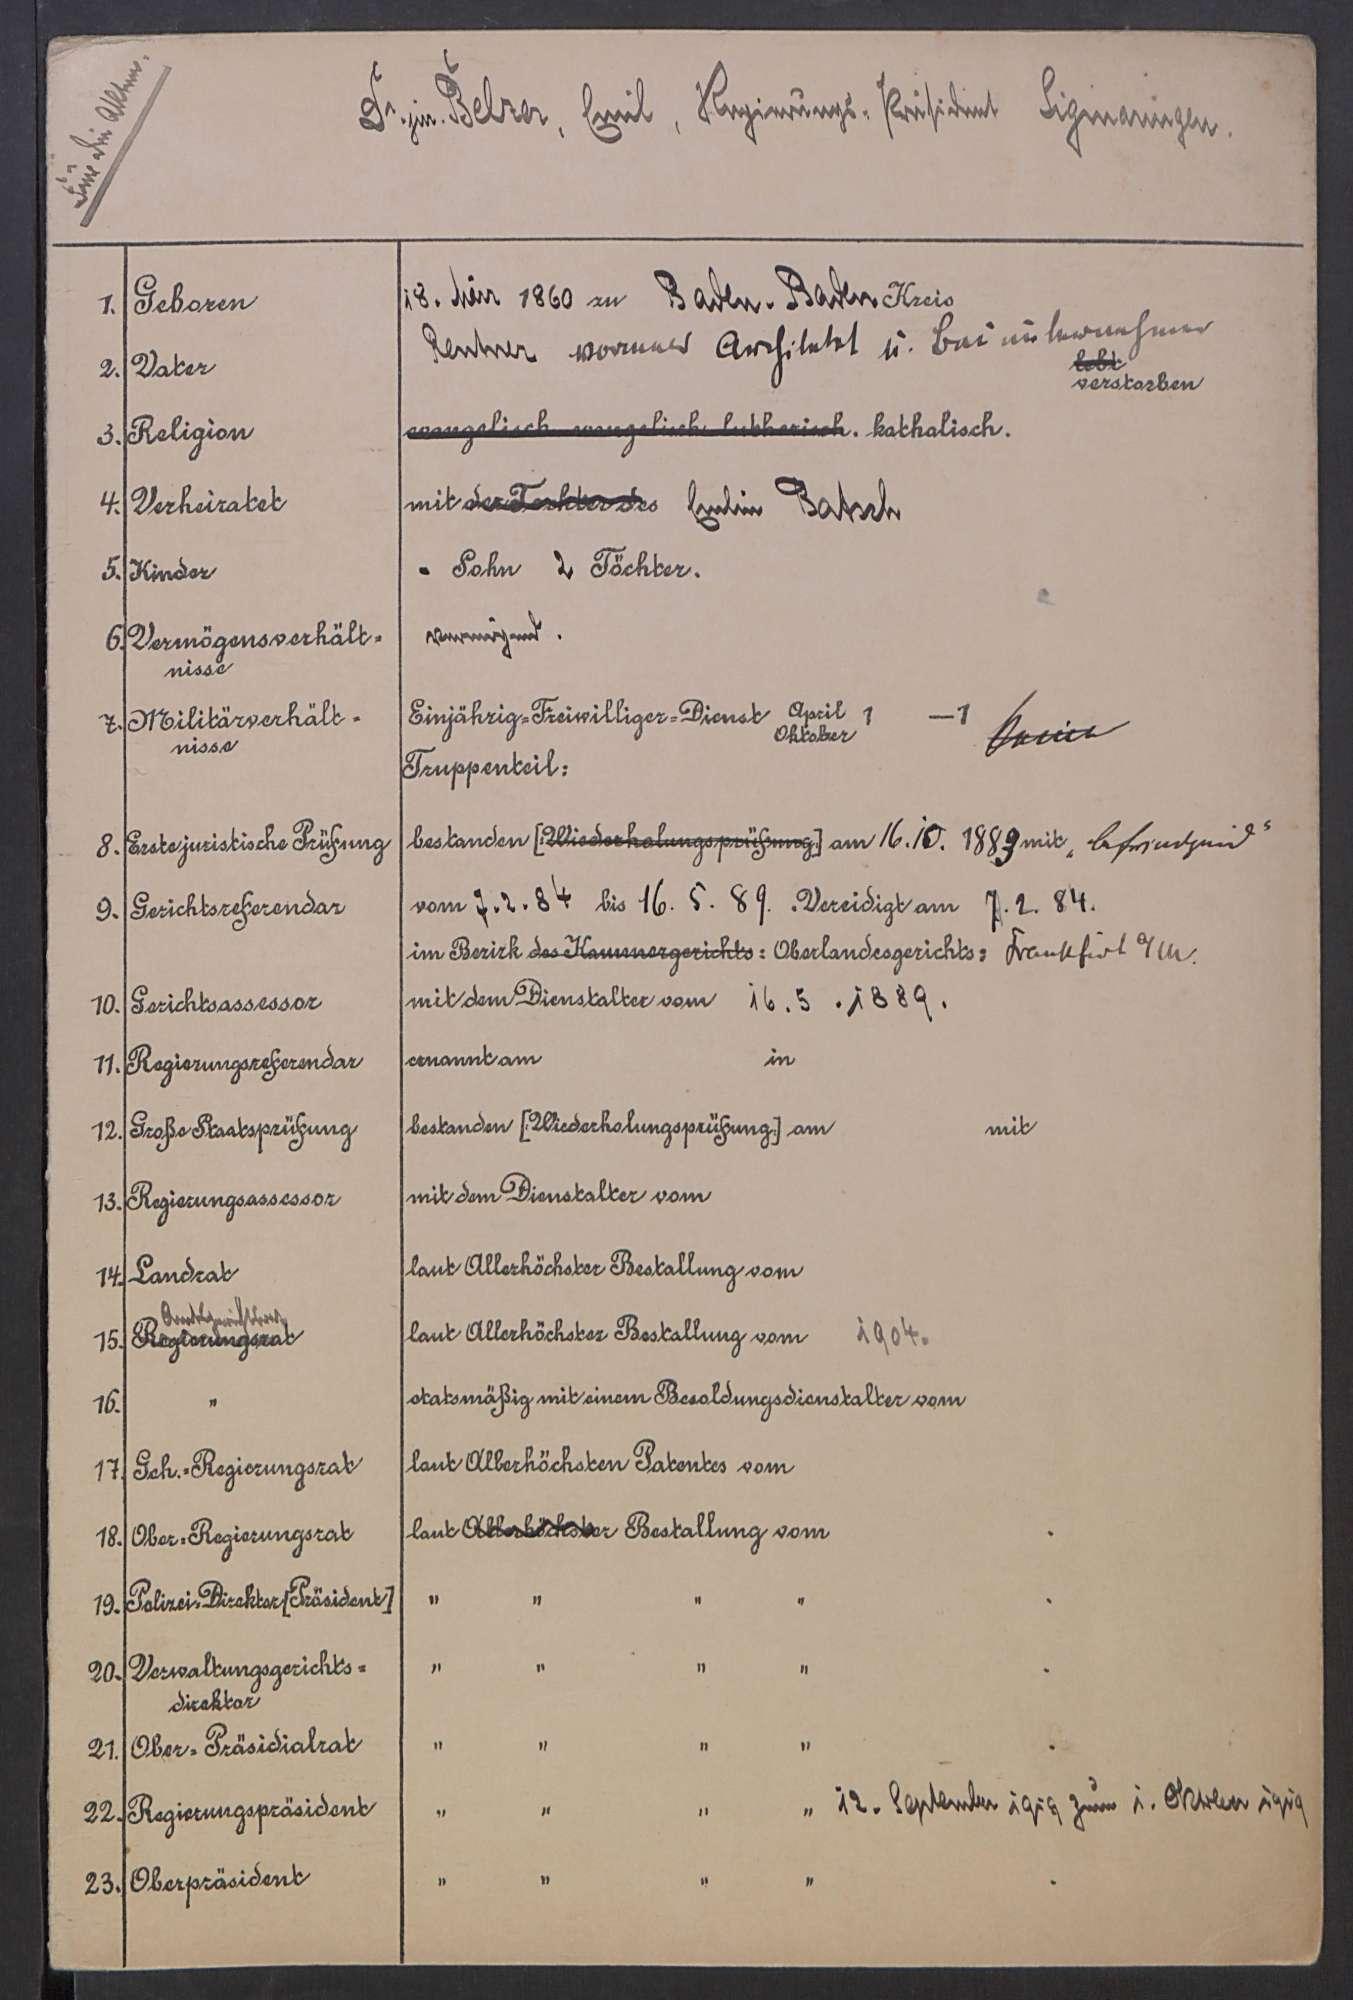 Verwaltung des Regierungspräsidiums, Bild 1